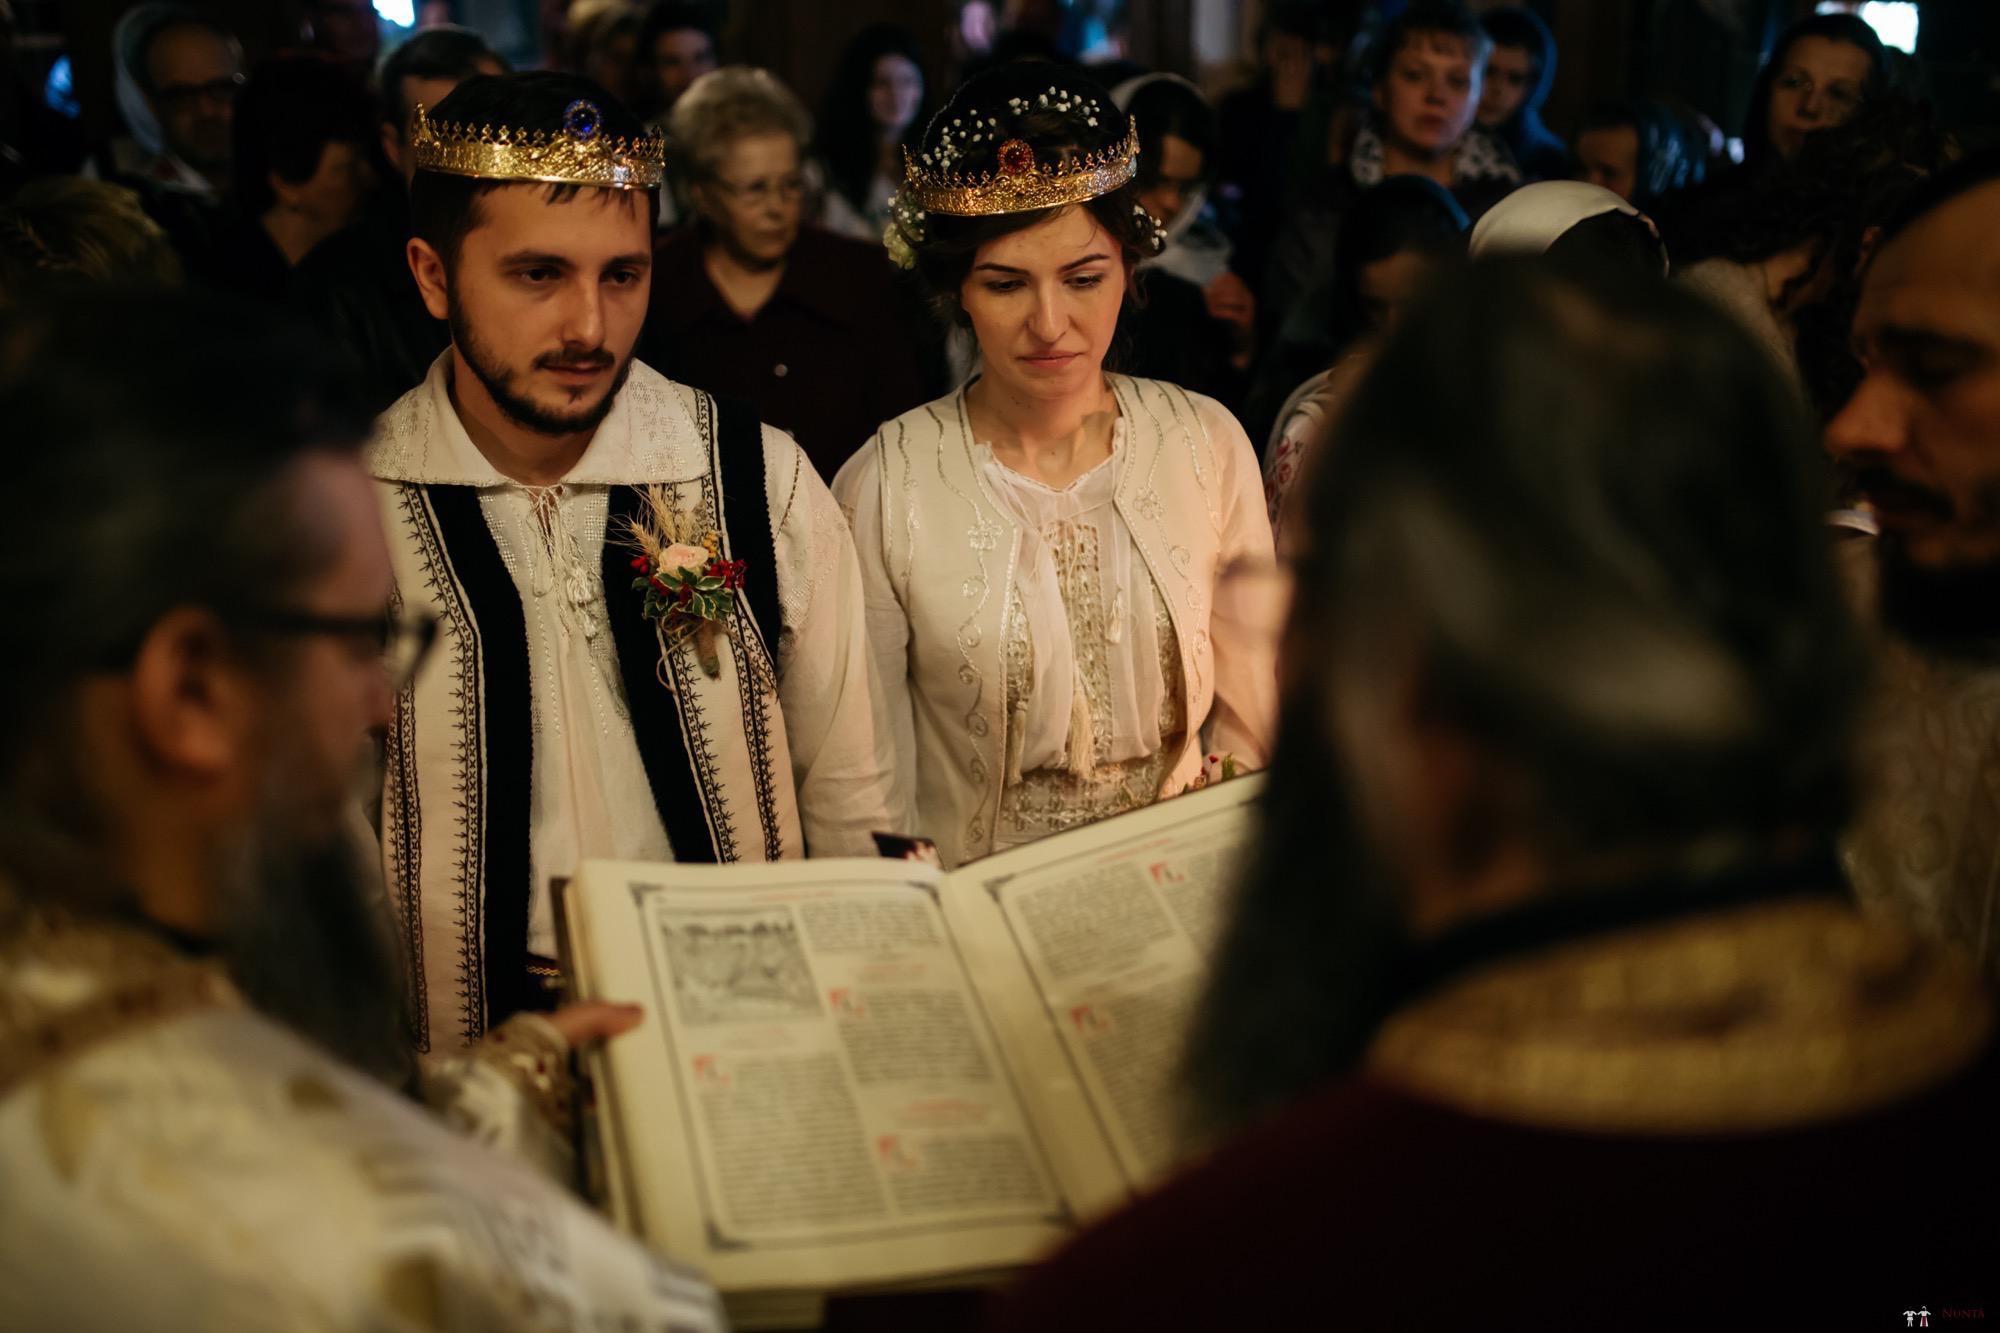 Povești Nunți Tradiționale - Gabriela și Adrian. Nuntă tradițională în Piatra Neamț 23